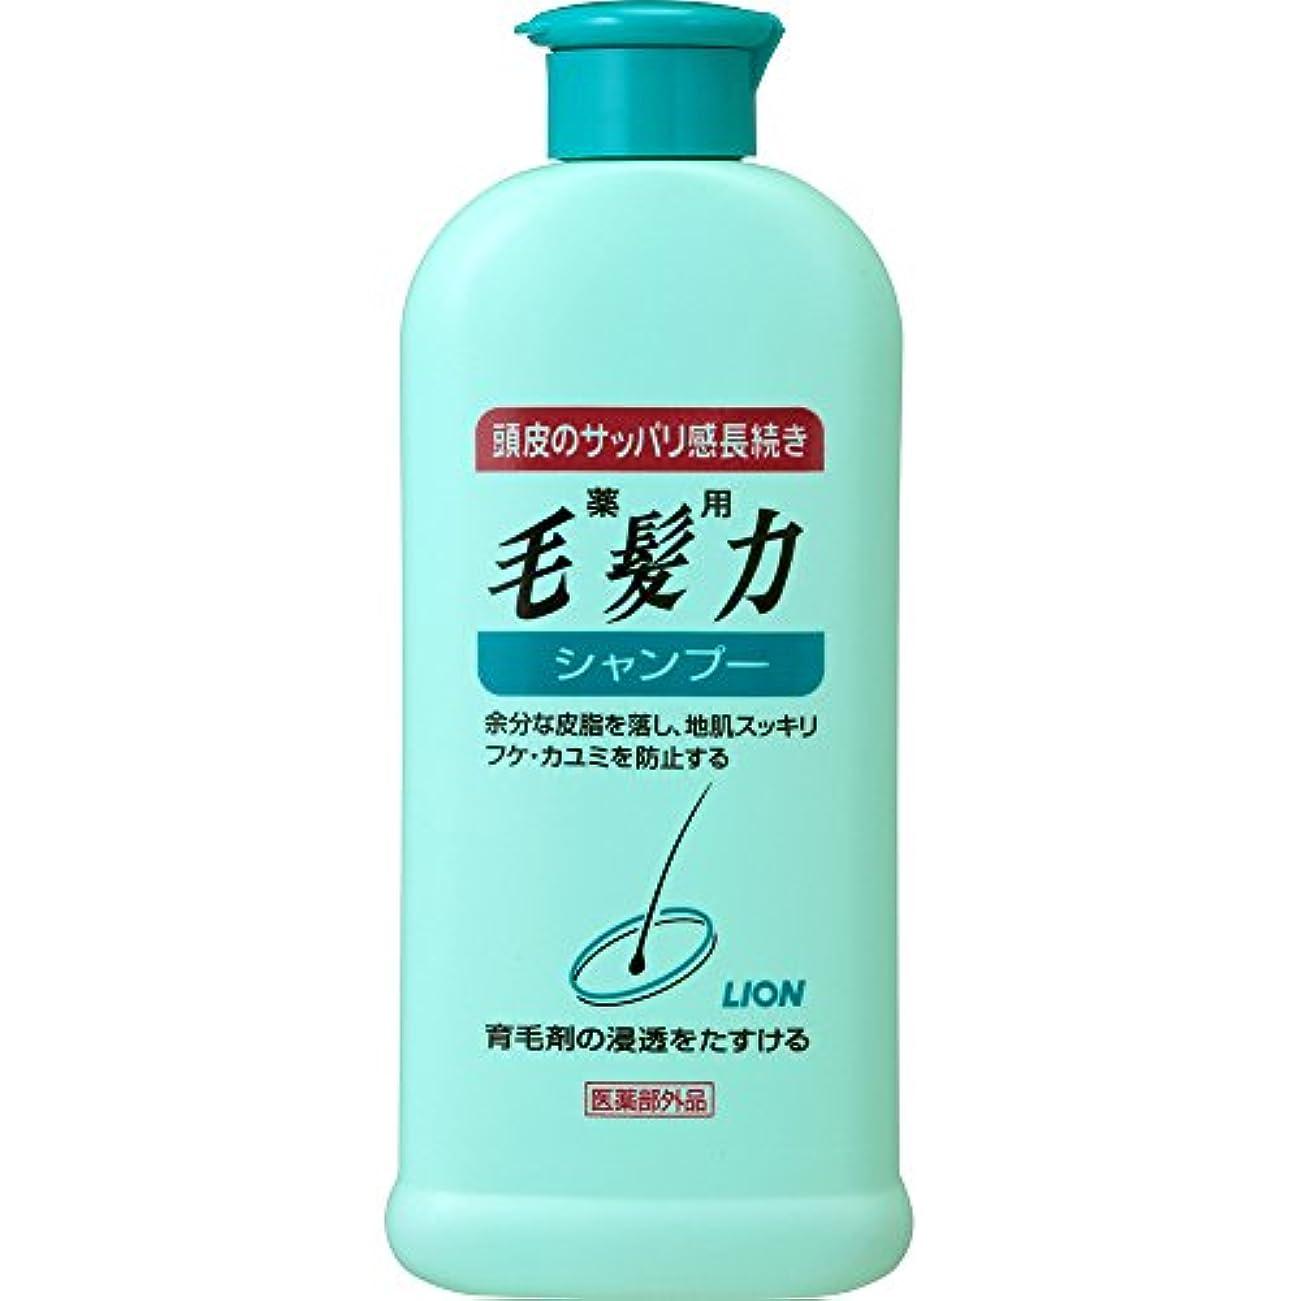 ぴかぴかゴネリル上へ薬用毛髪力 シャンプー 200ml(医薬部外品)